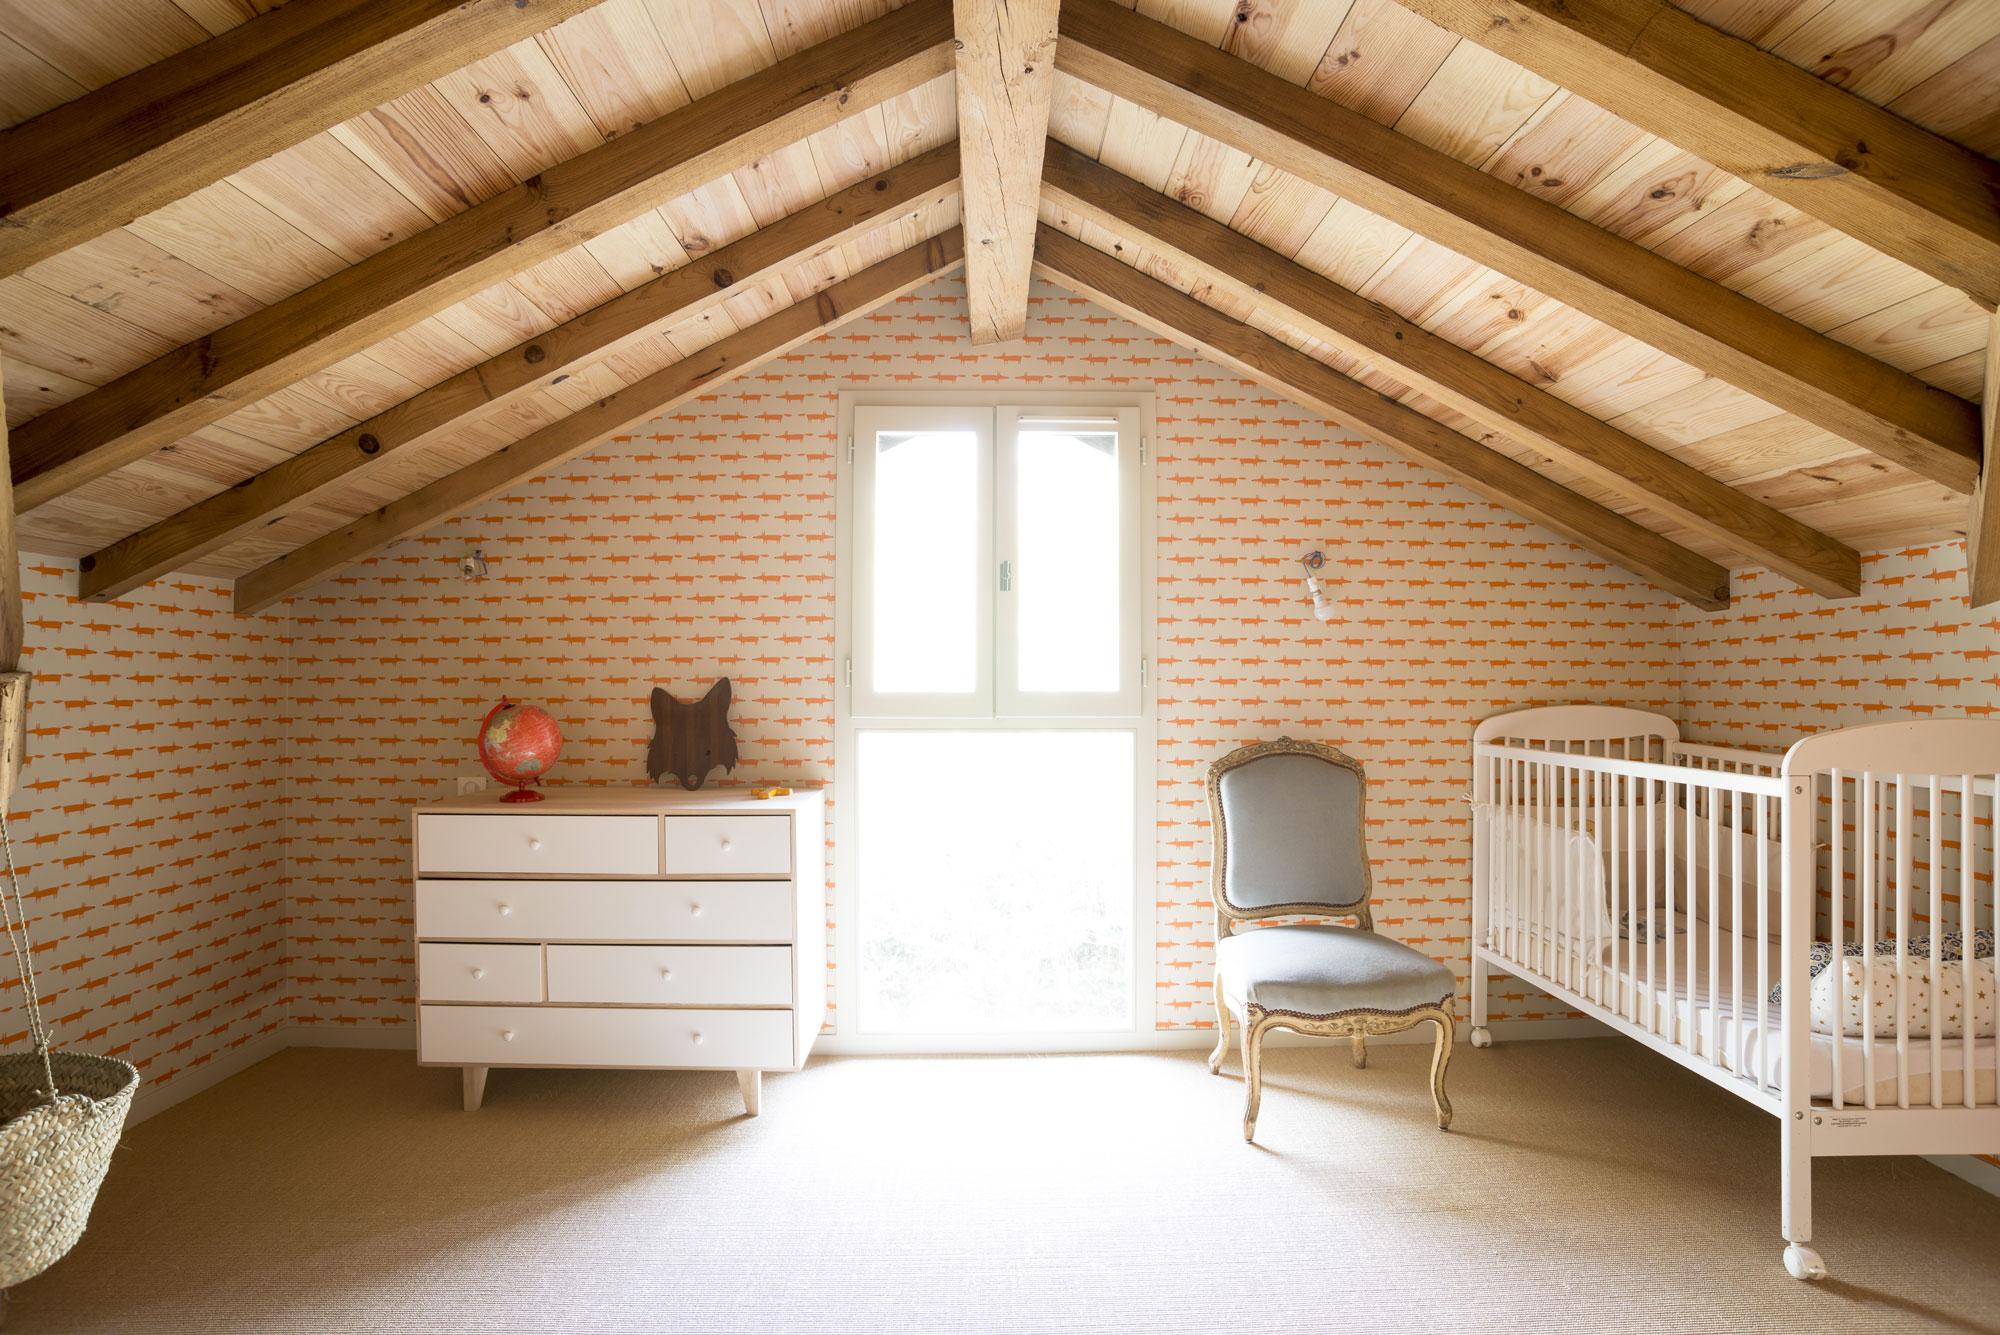 Lala Architectes-landes-renovation-chambre bébé